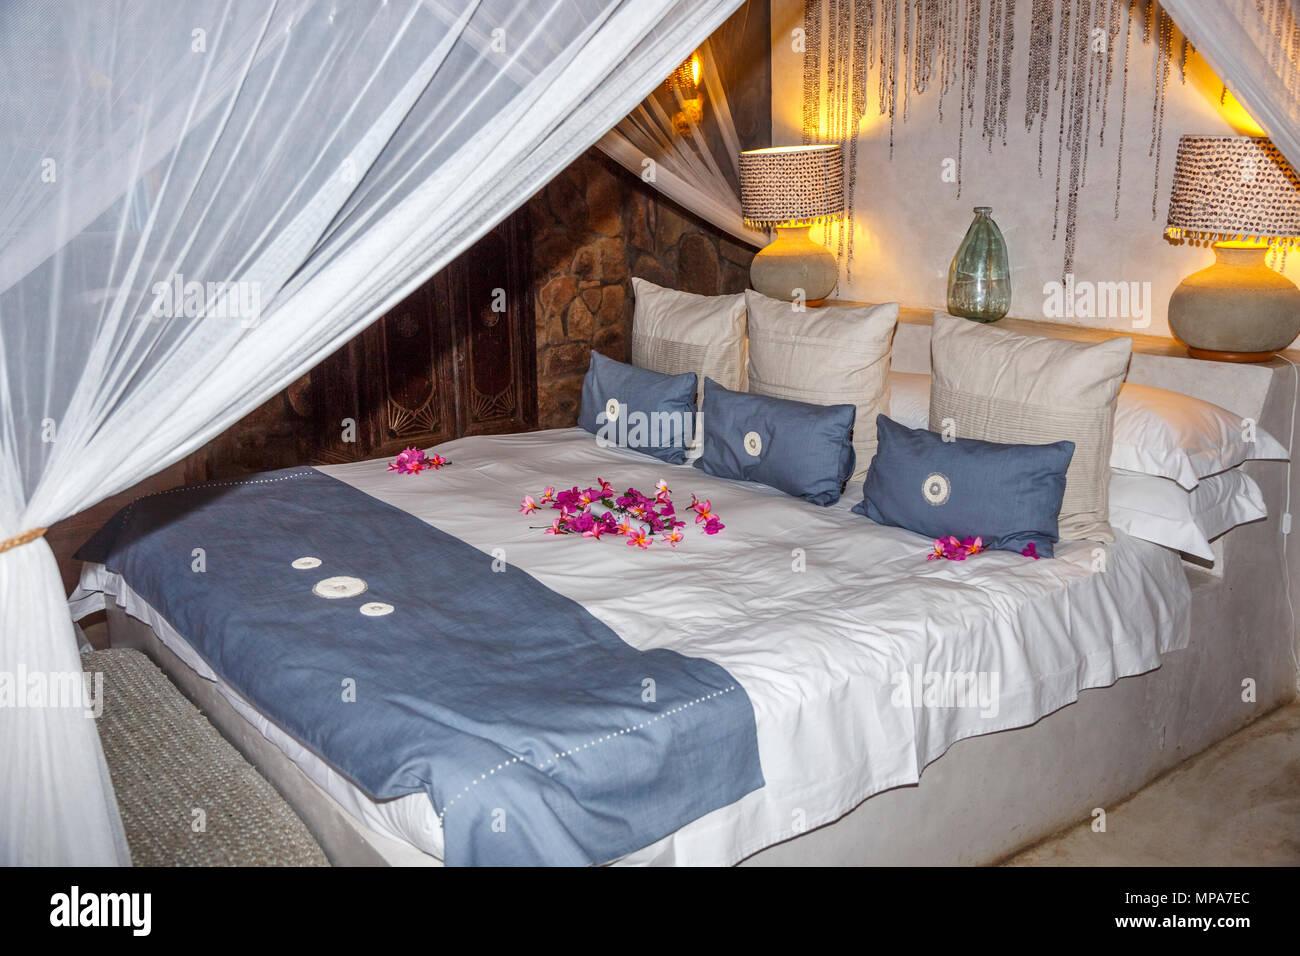 Zanzariera Da Letto Matrimoniale : Grande letto king size lussuoso letto matrimoniale dietro le